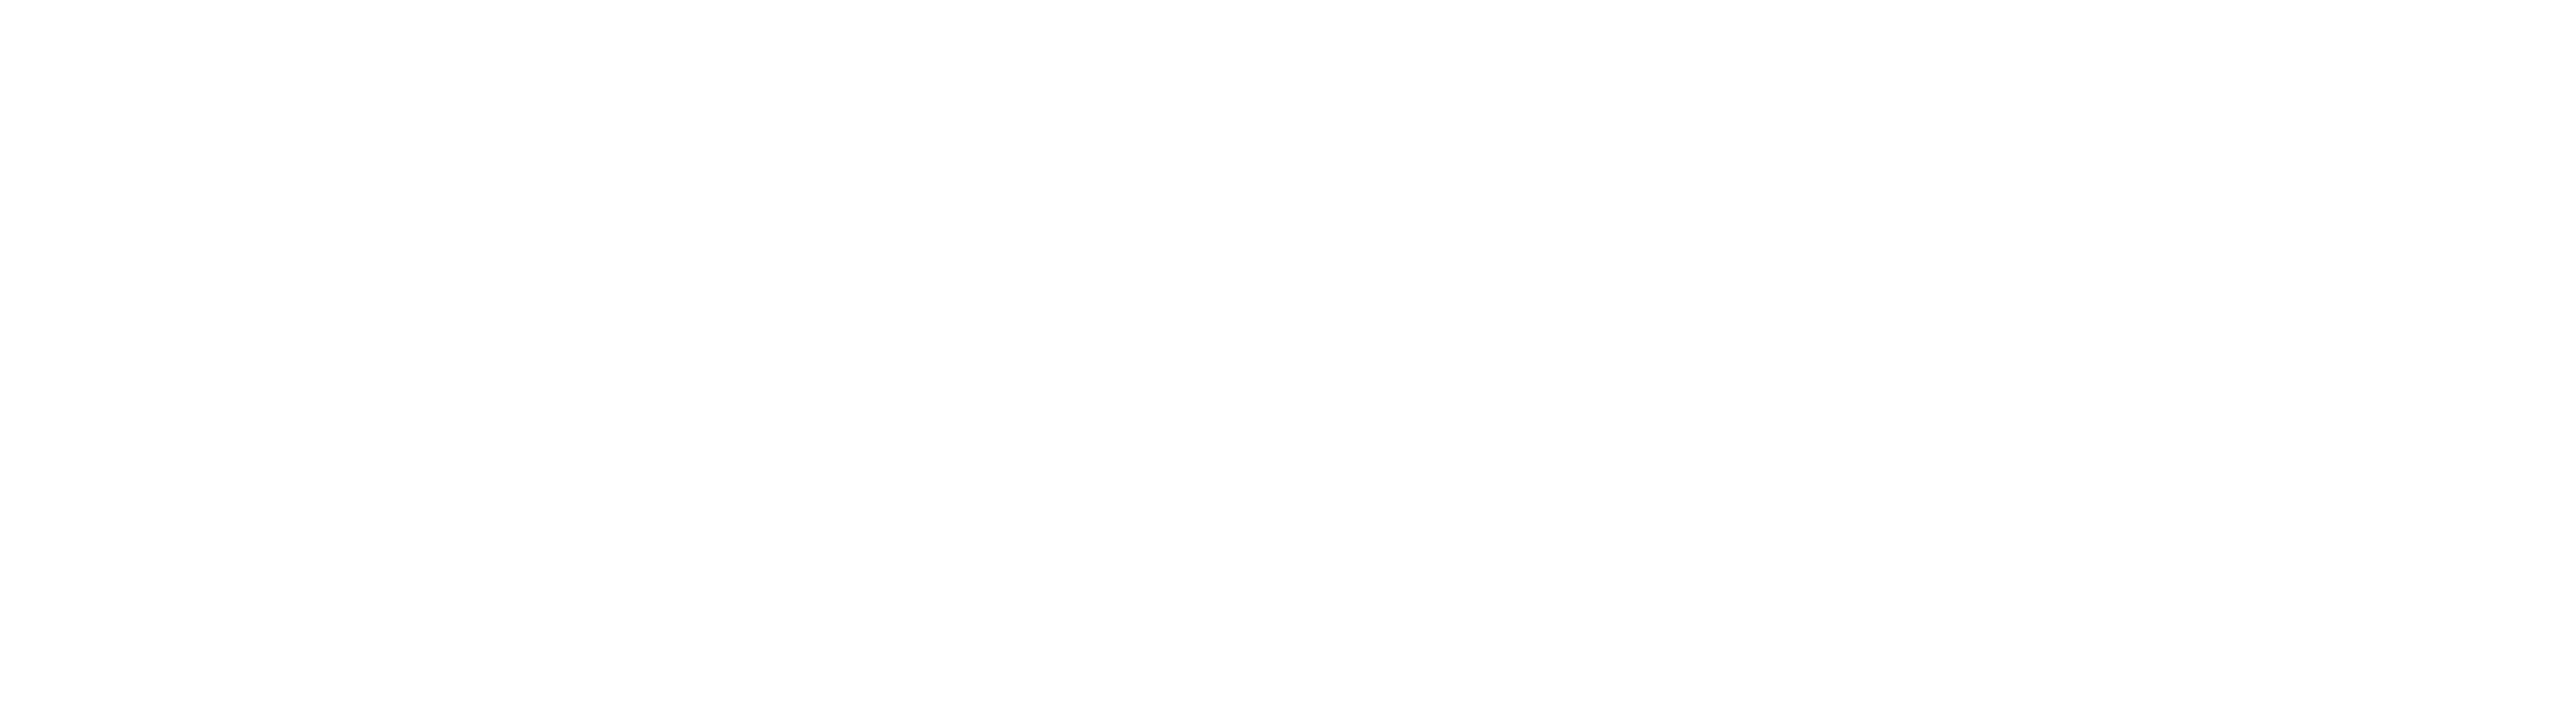 メニューロゴ白